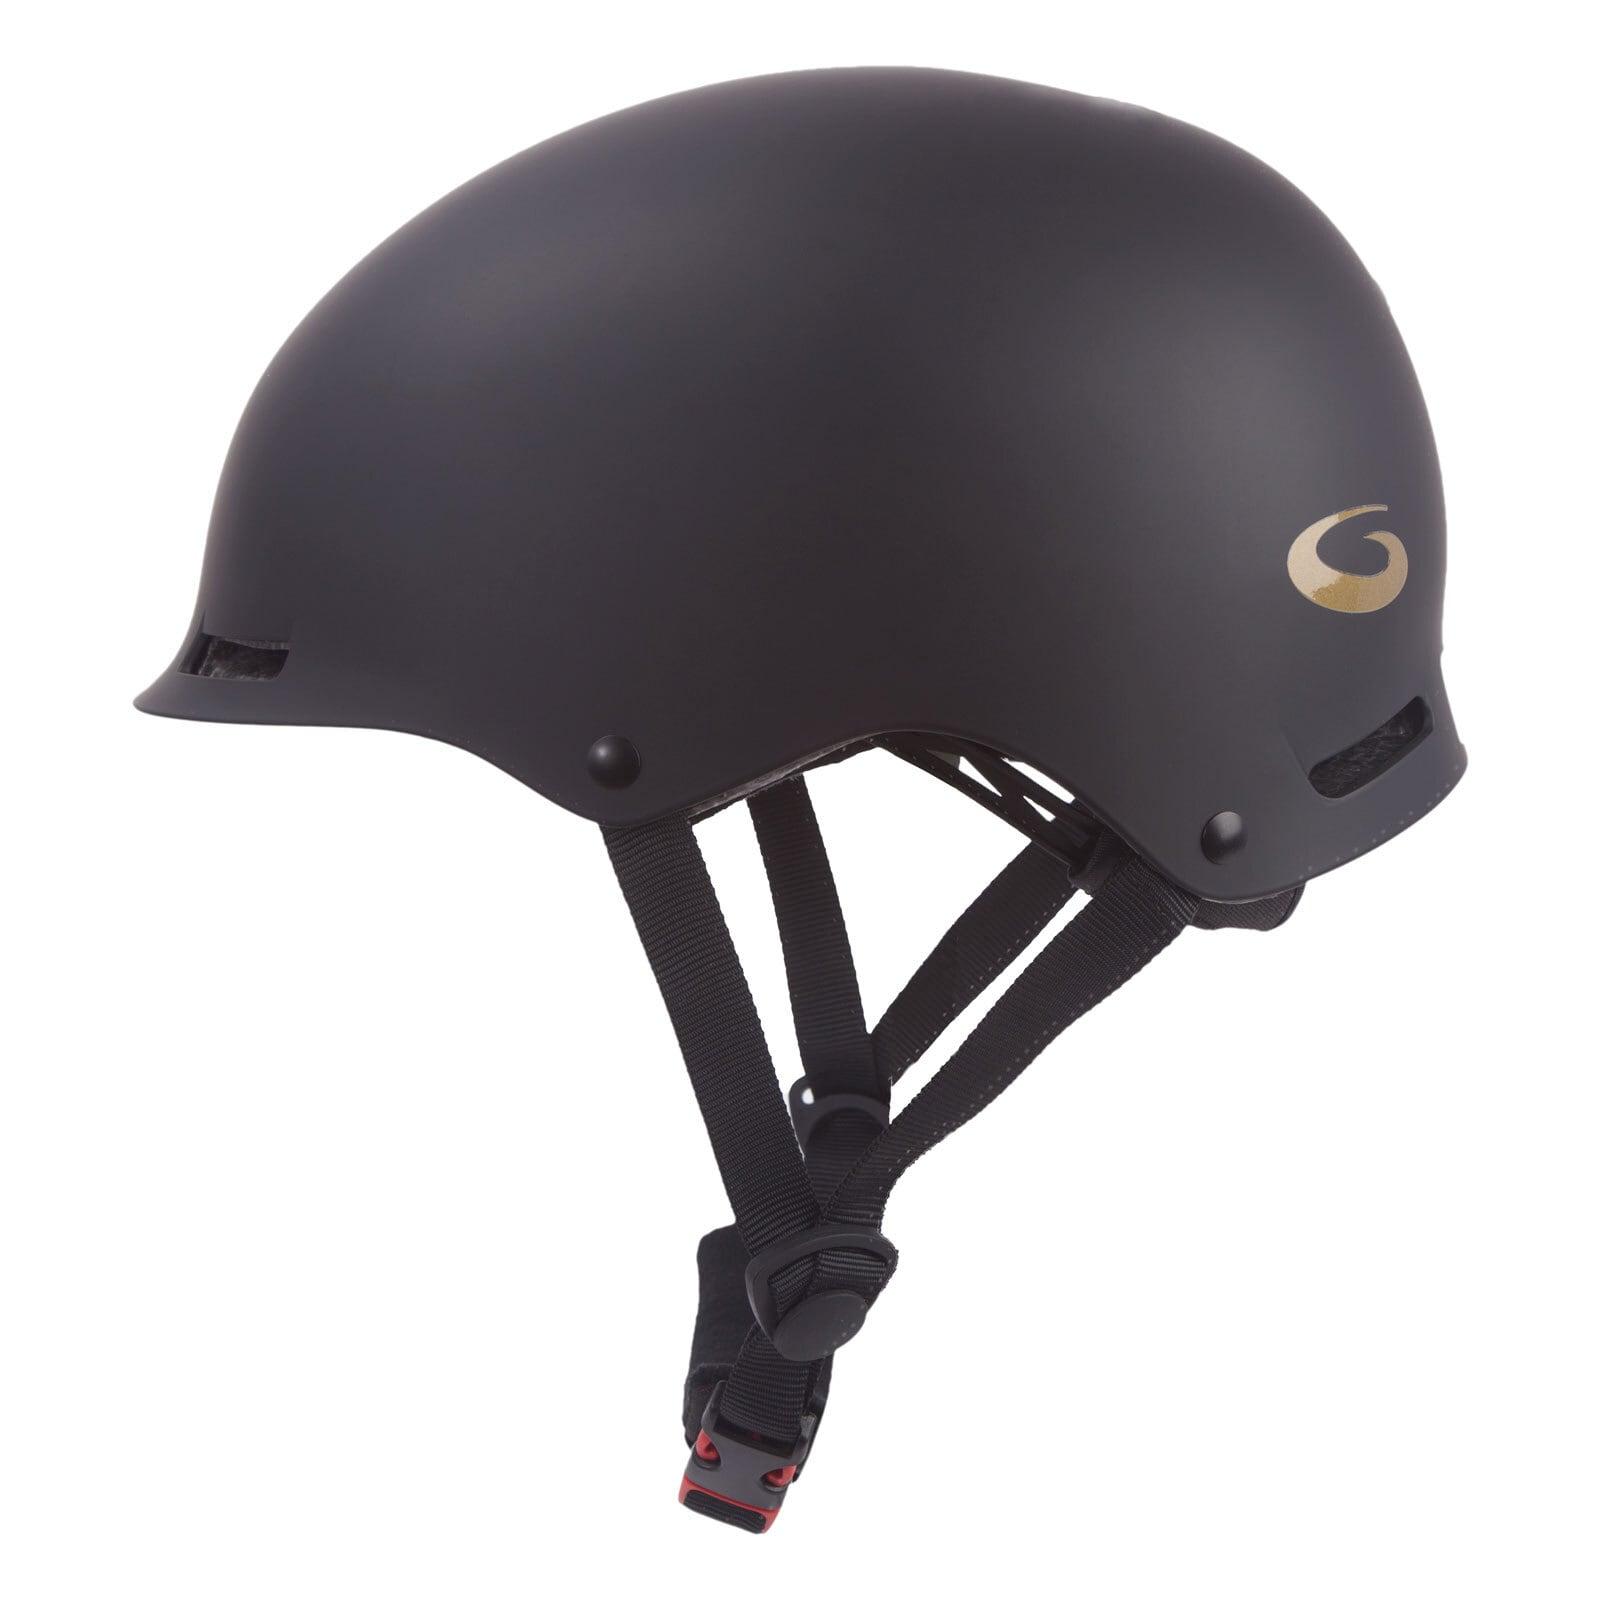 ユース用 カーリングヘルメット